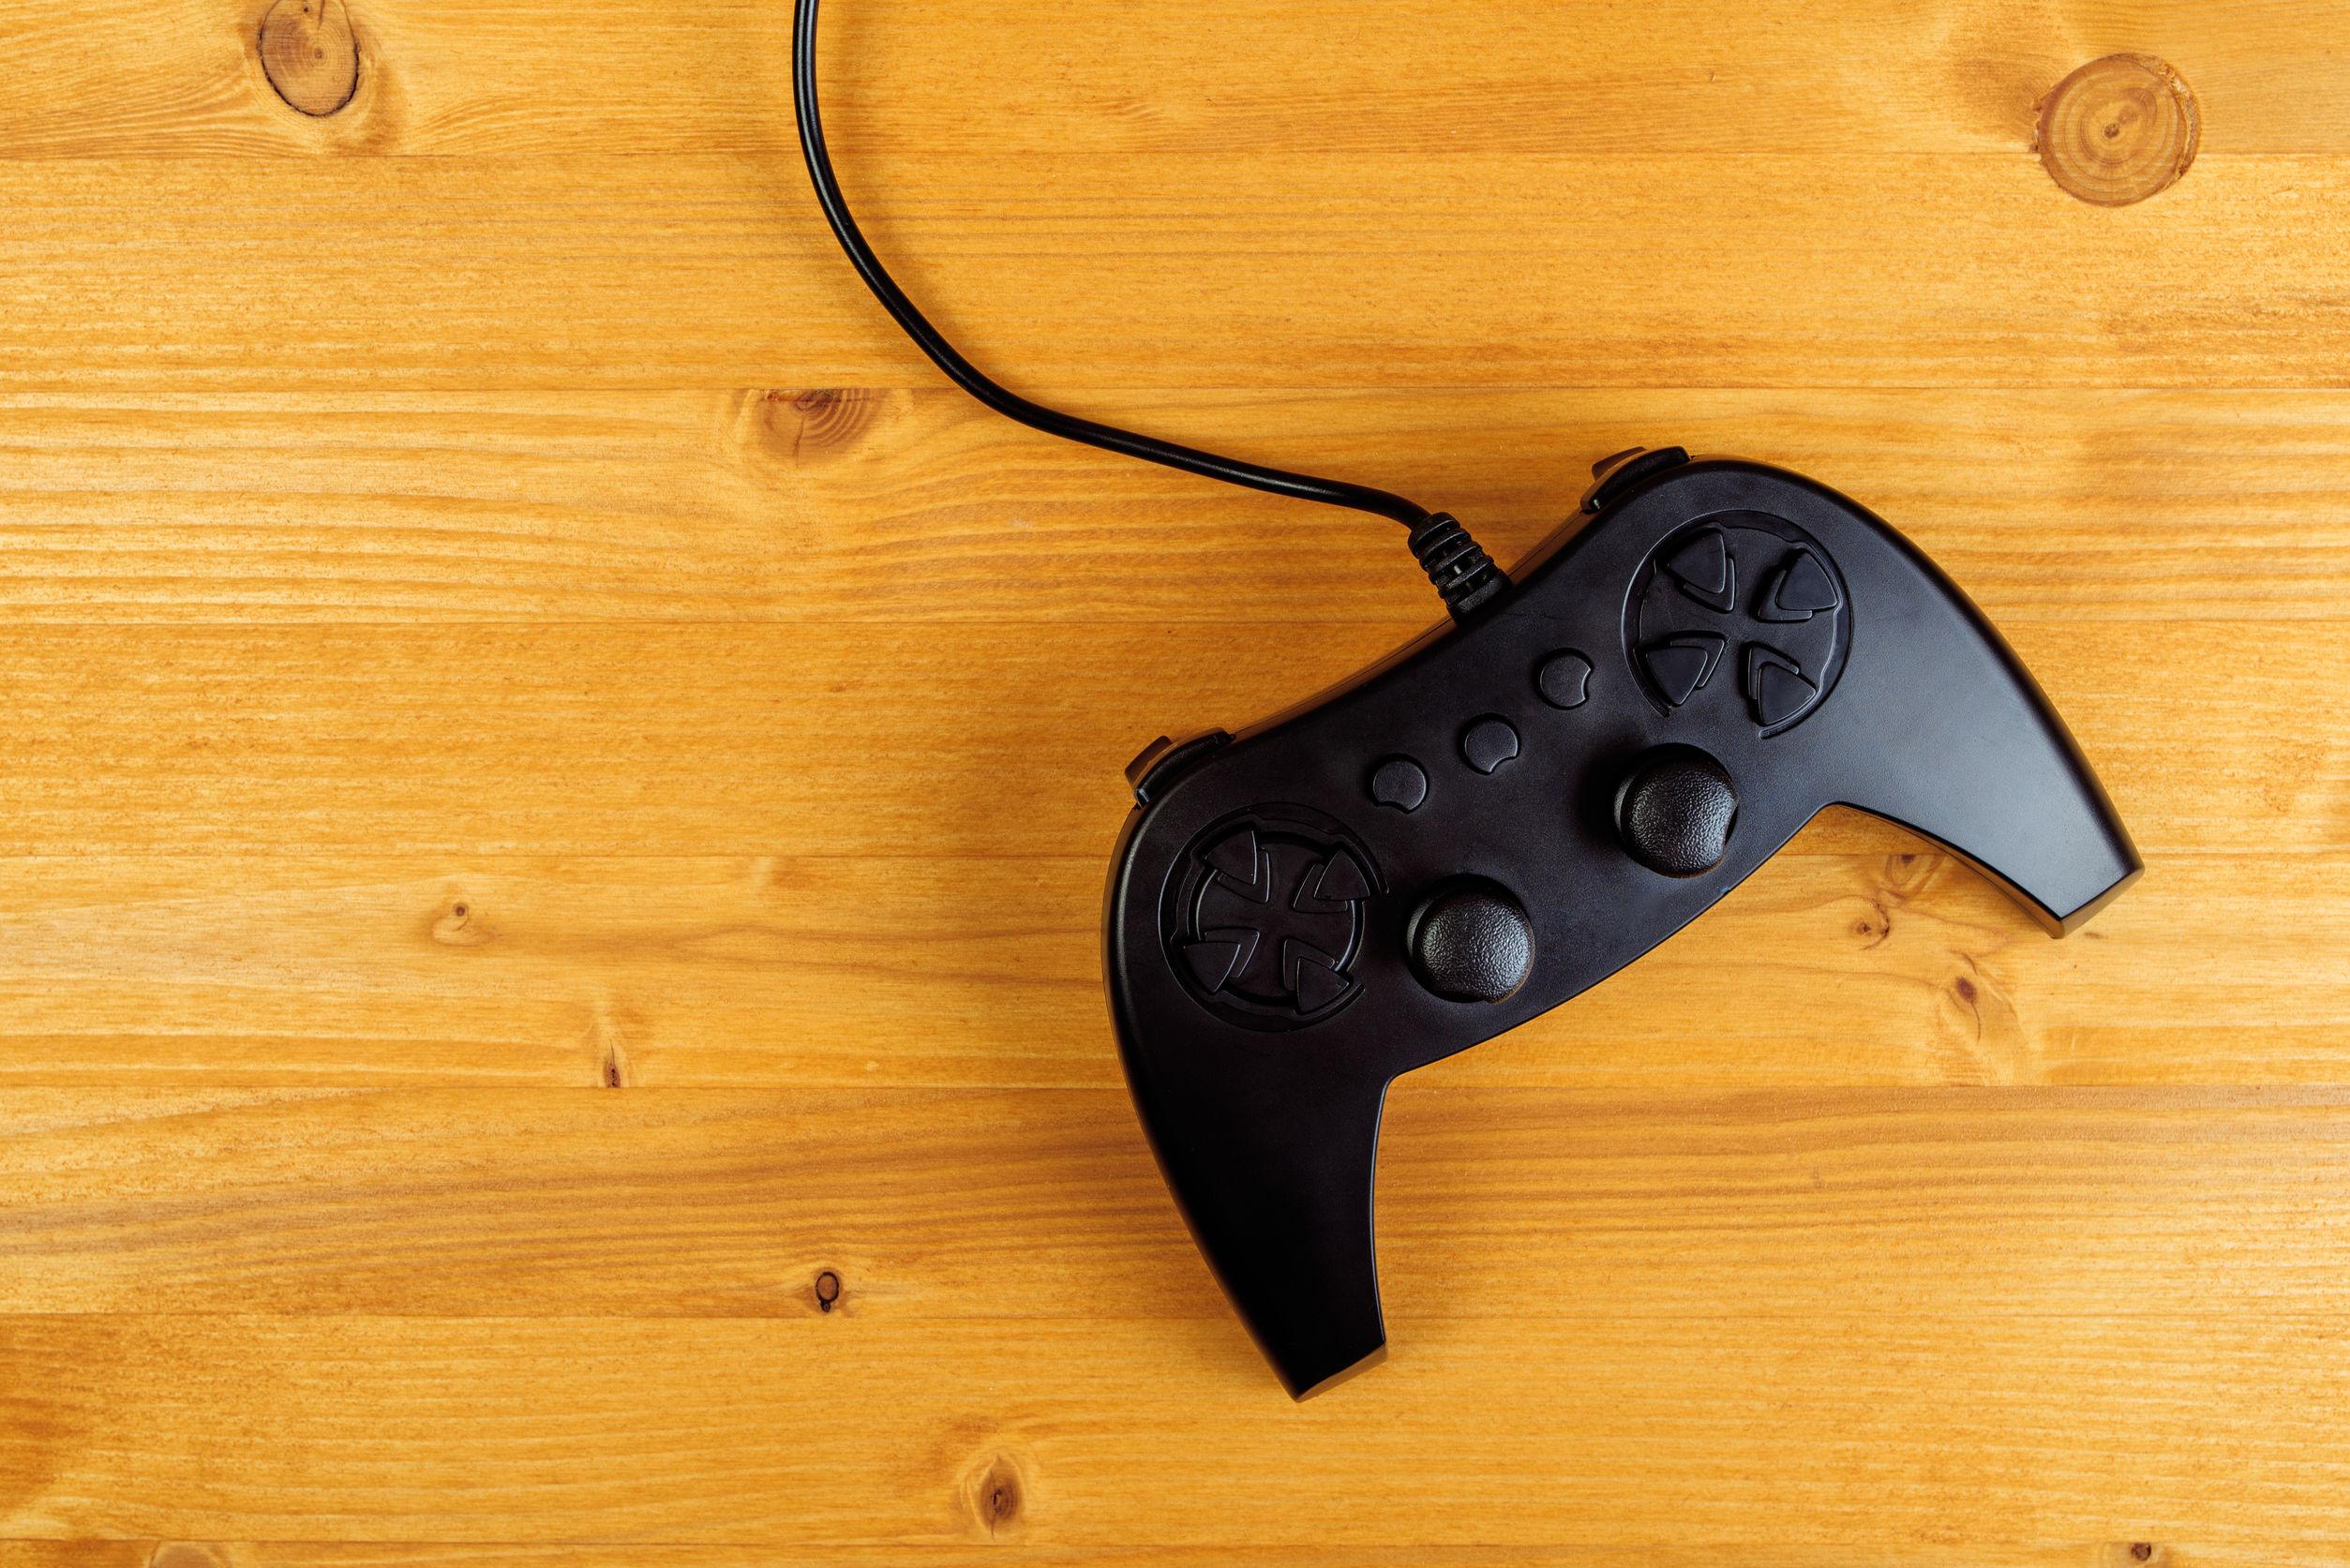 Miglior joystick per PC 2021: Guida all'acquisto